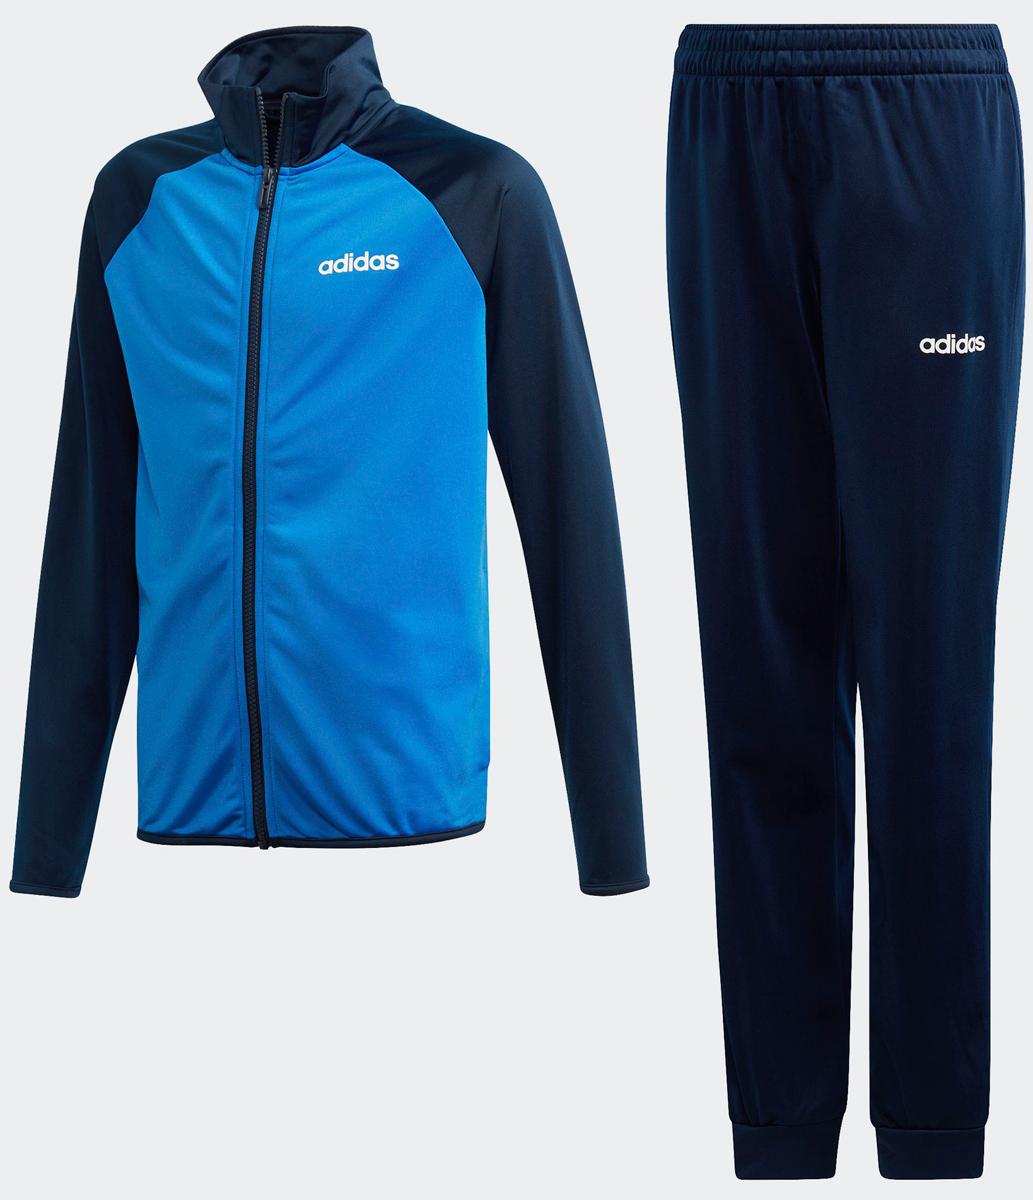 Спортивный костюм для мальчика Adidas Yb Ts Entry, цвет: темно-синий. DV1744. Размер 128DV1744